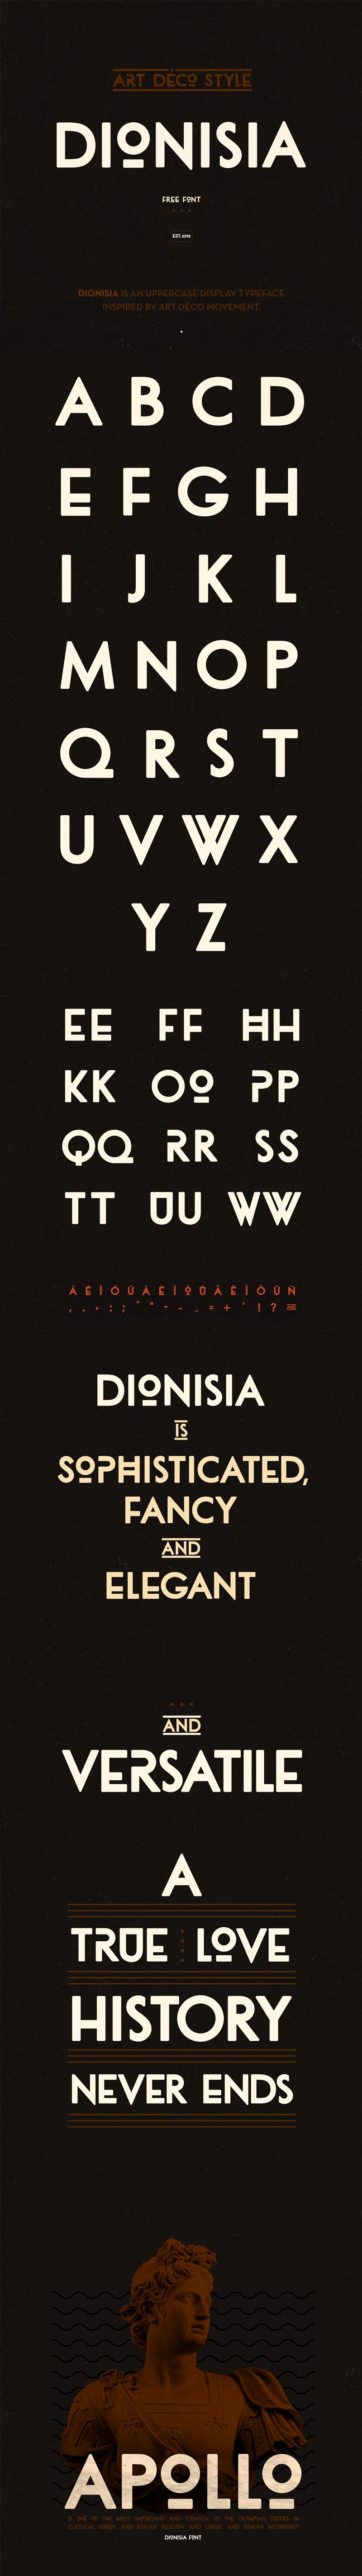 dionisia por el tano veron tipografia